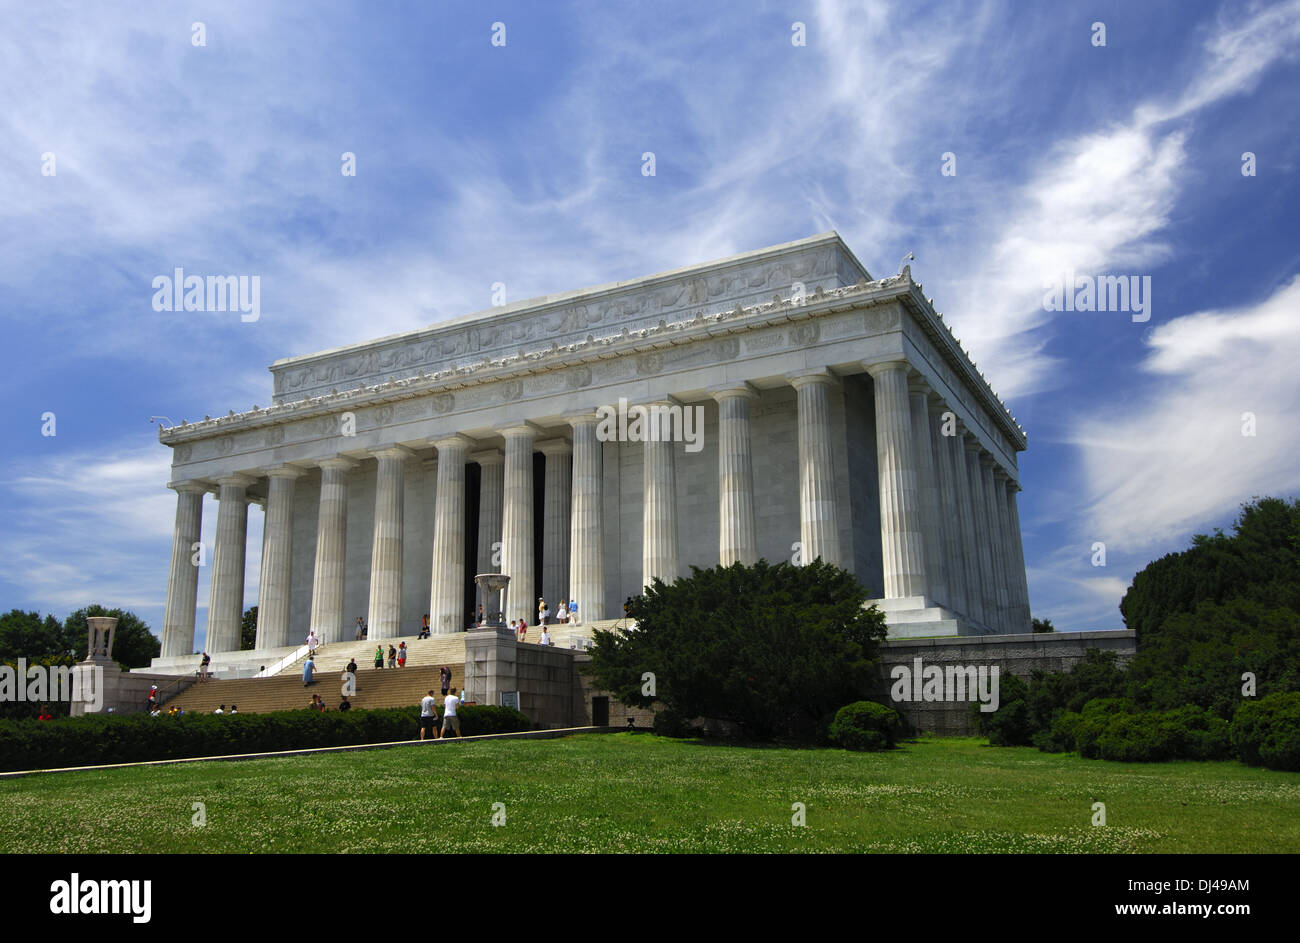 Lincoln Memorial, Washington D.C., USA Stock Photo